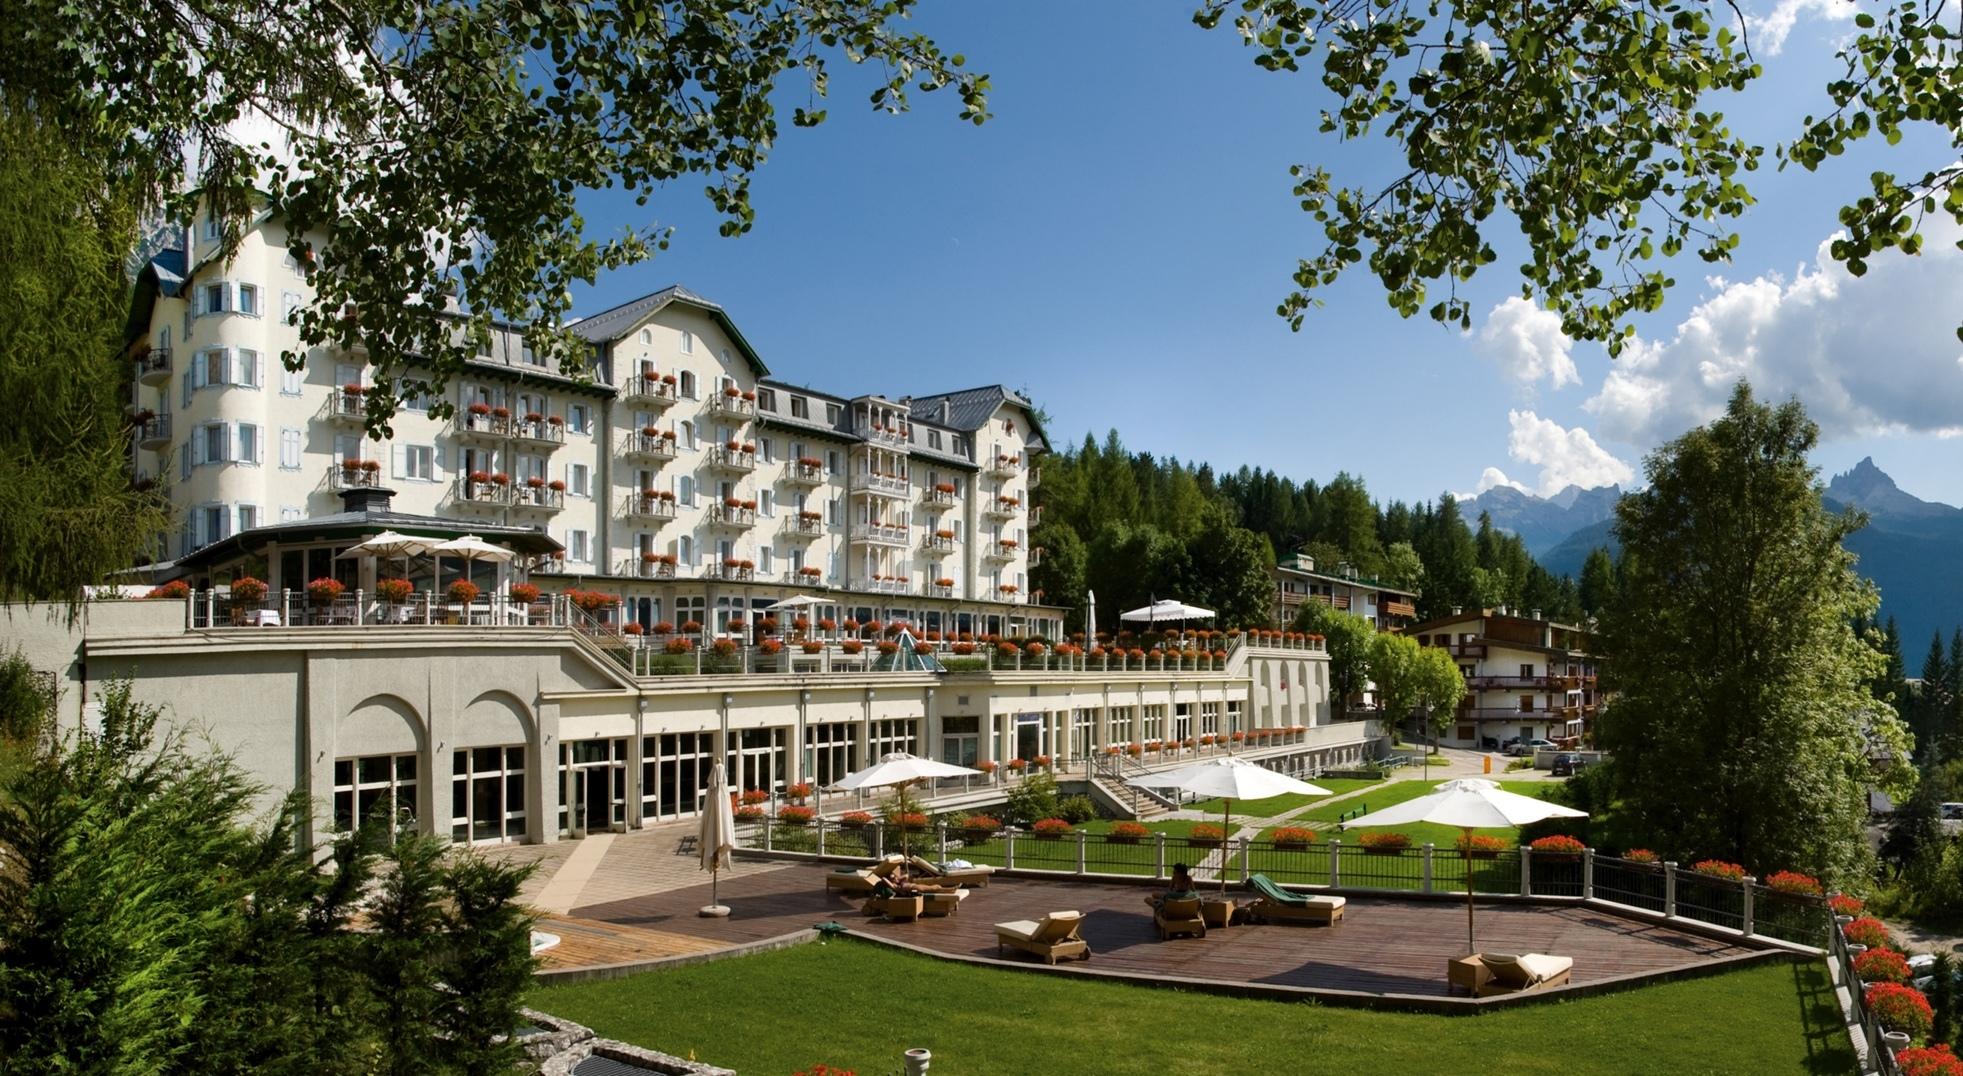 Cristallo resort spa cortina entra a far parte di the for The luxury collection hotel